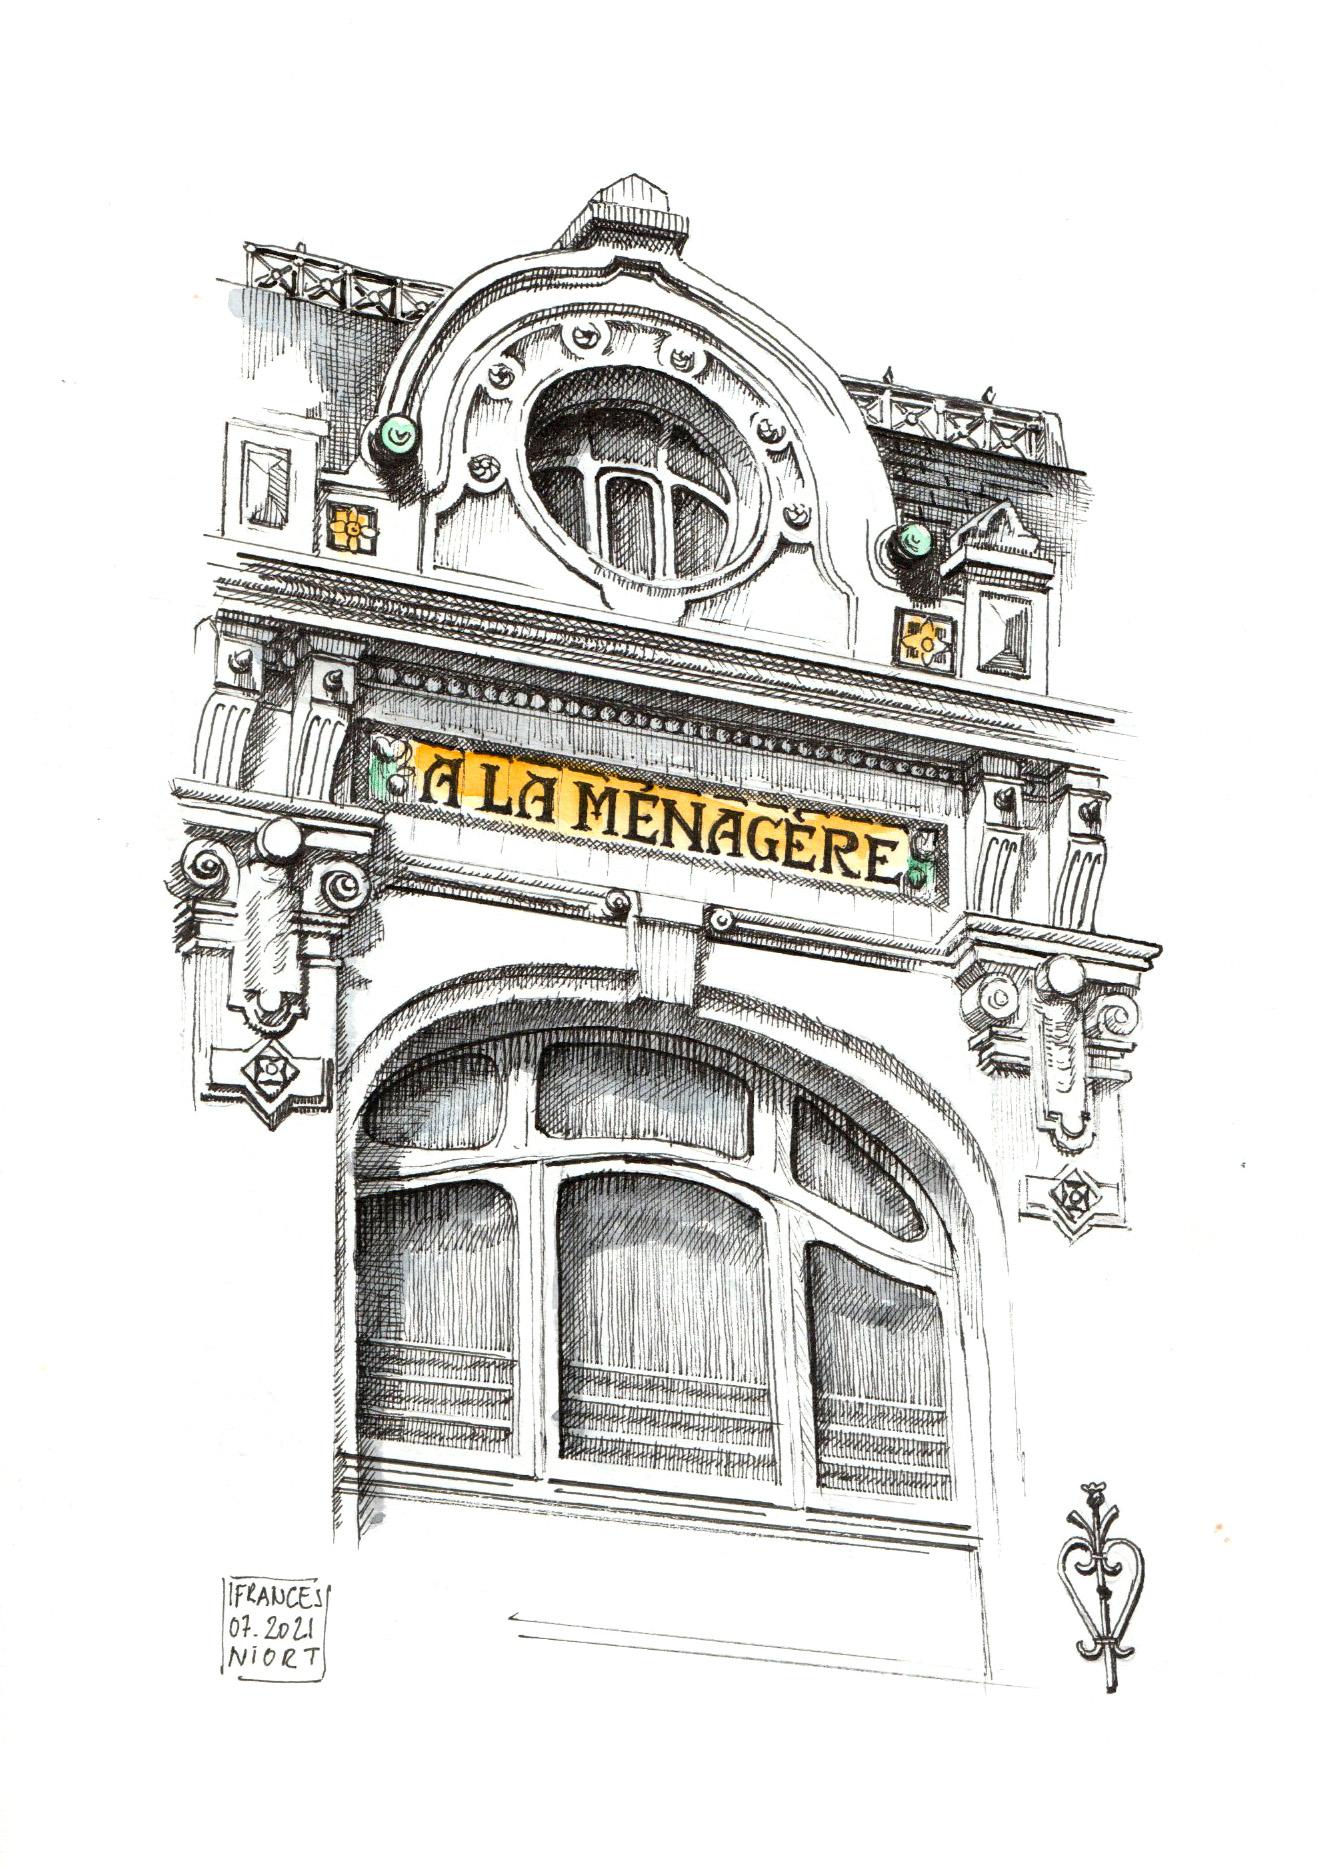 Dessin de la facade de la Menagere à Niort - ©I.Frances